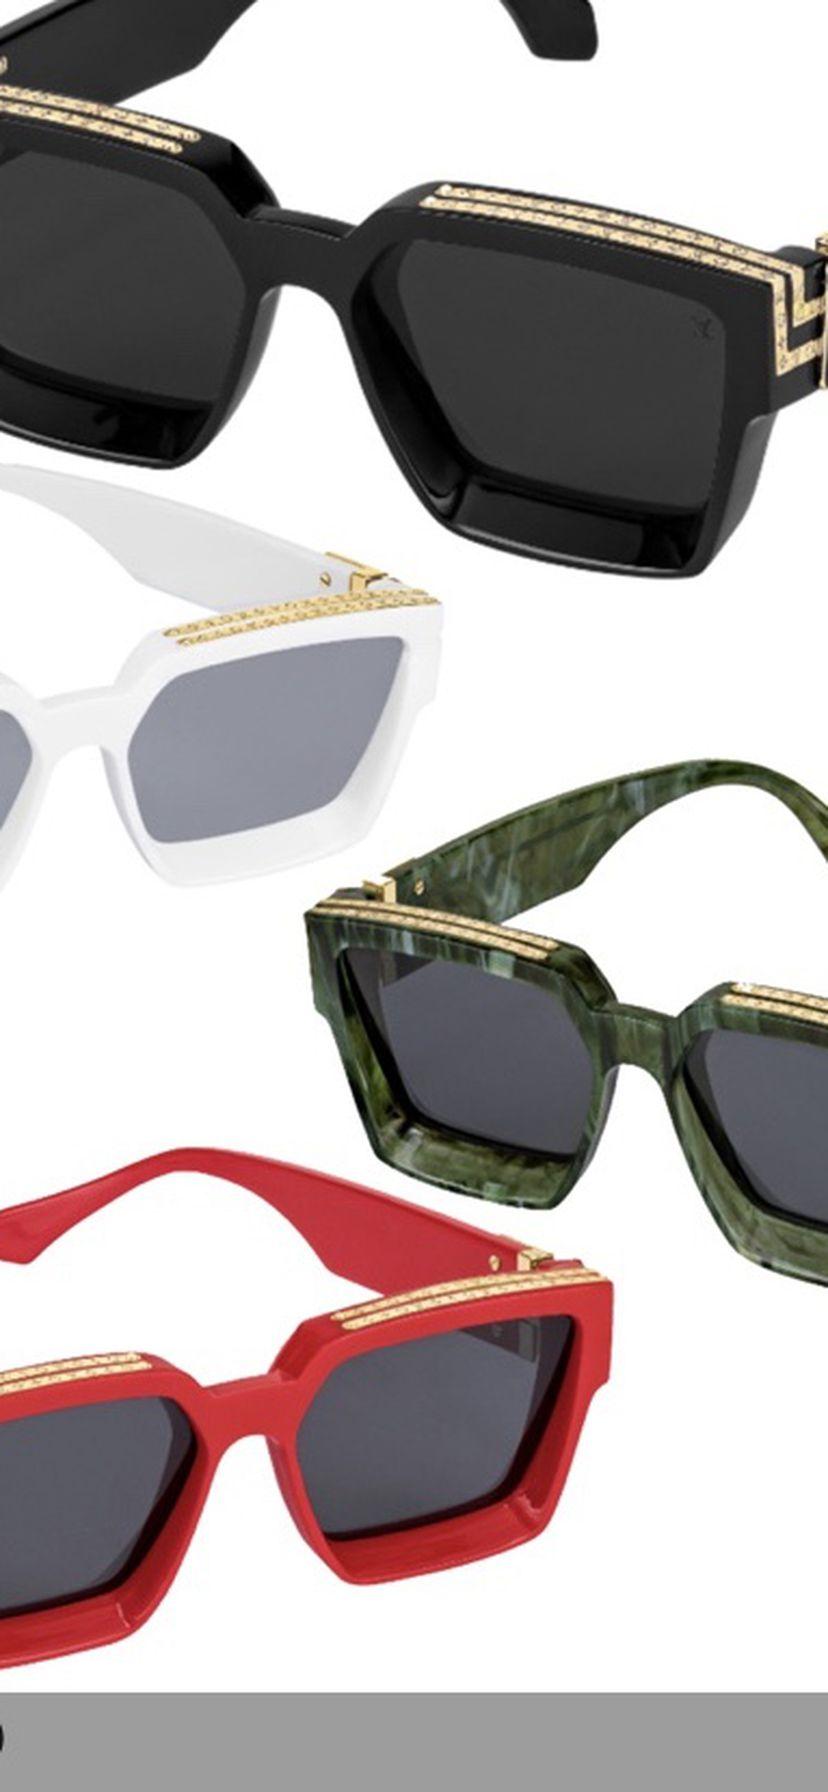 Louis Vuitton Hologram glasses